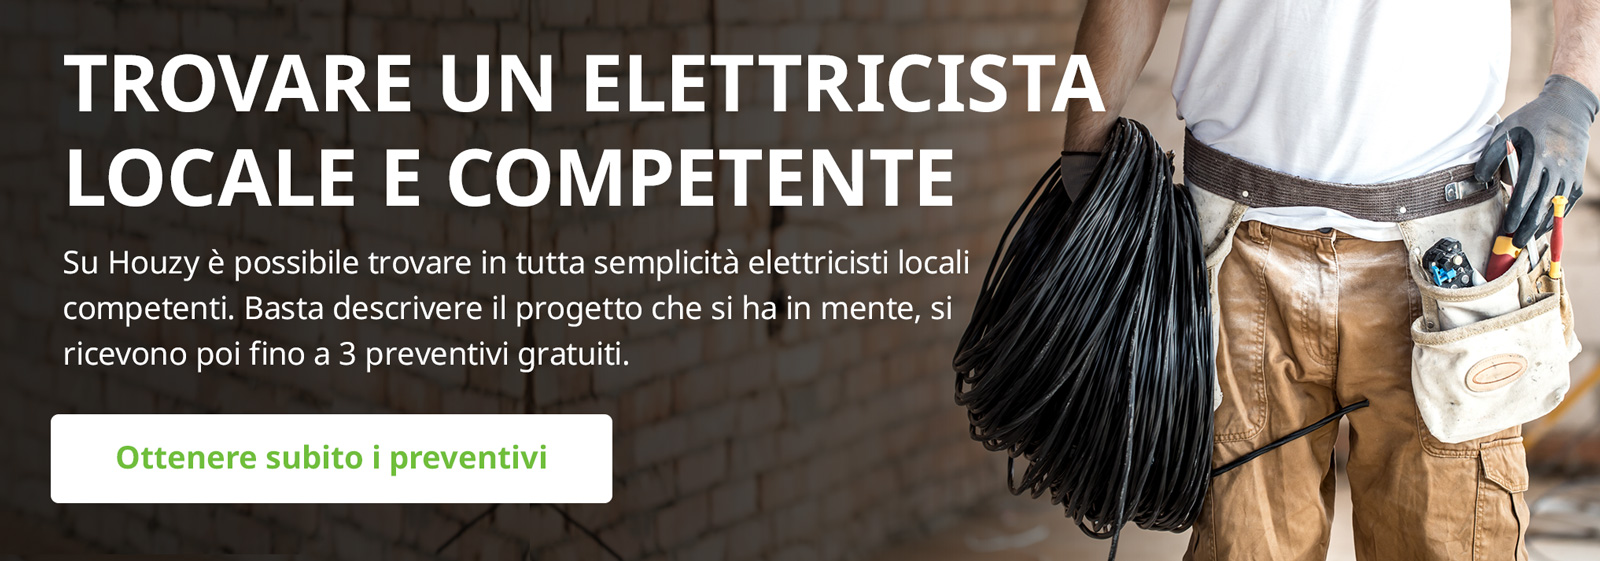 elettricista locale e competente